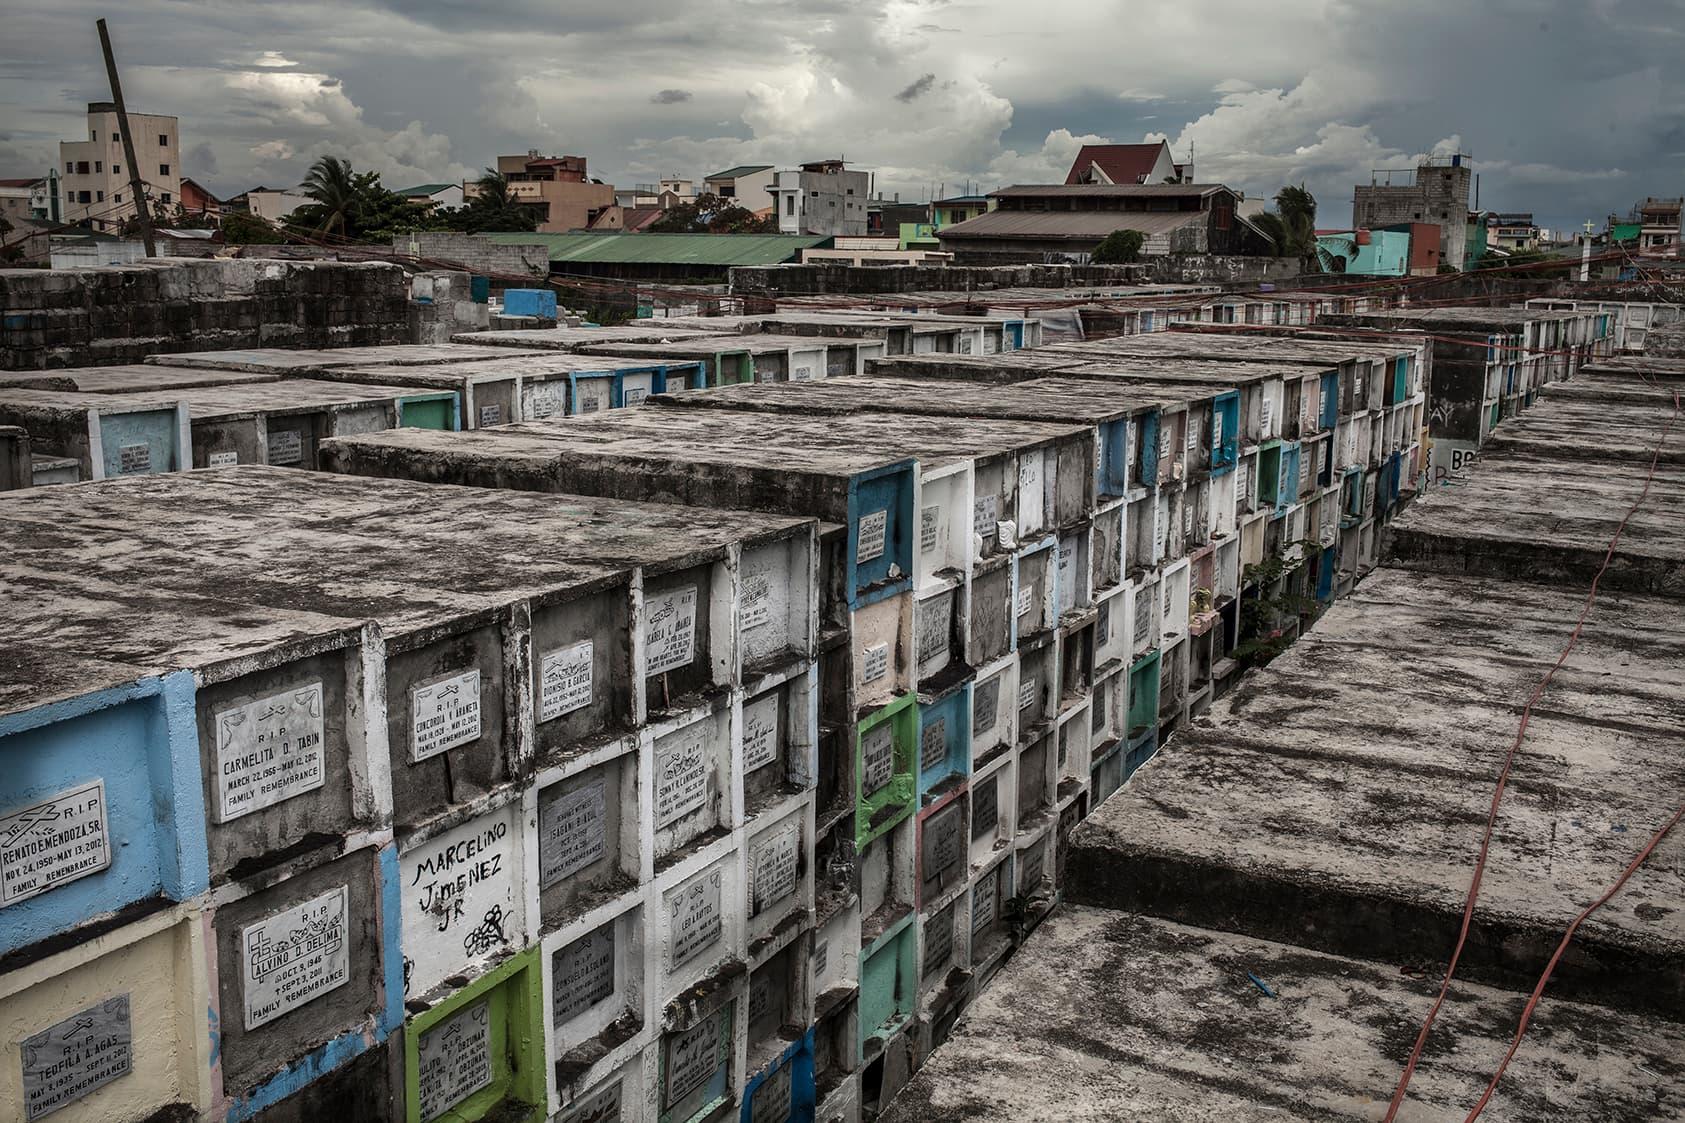 comunidades cementerios filipinas limbus (1)